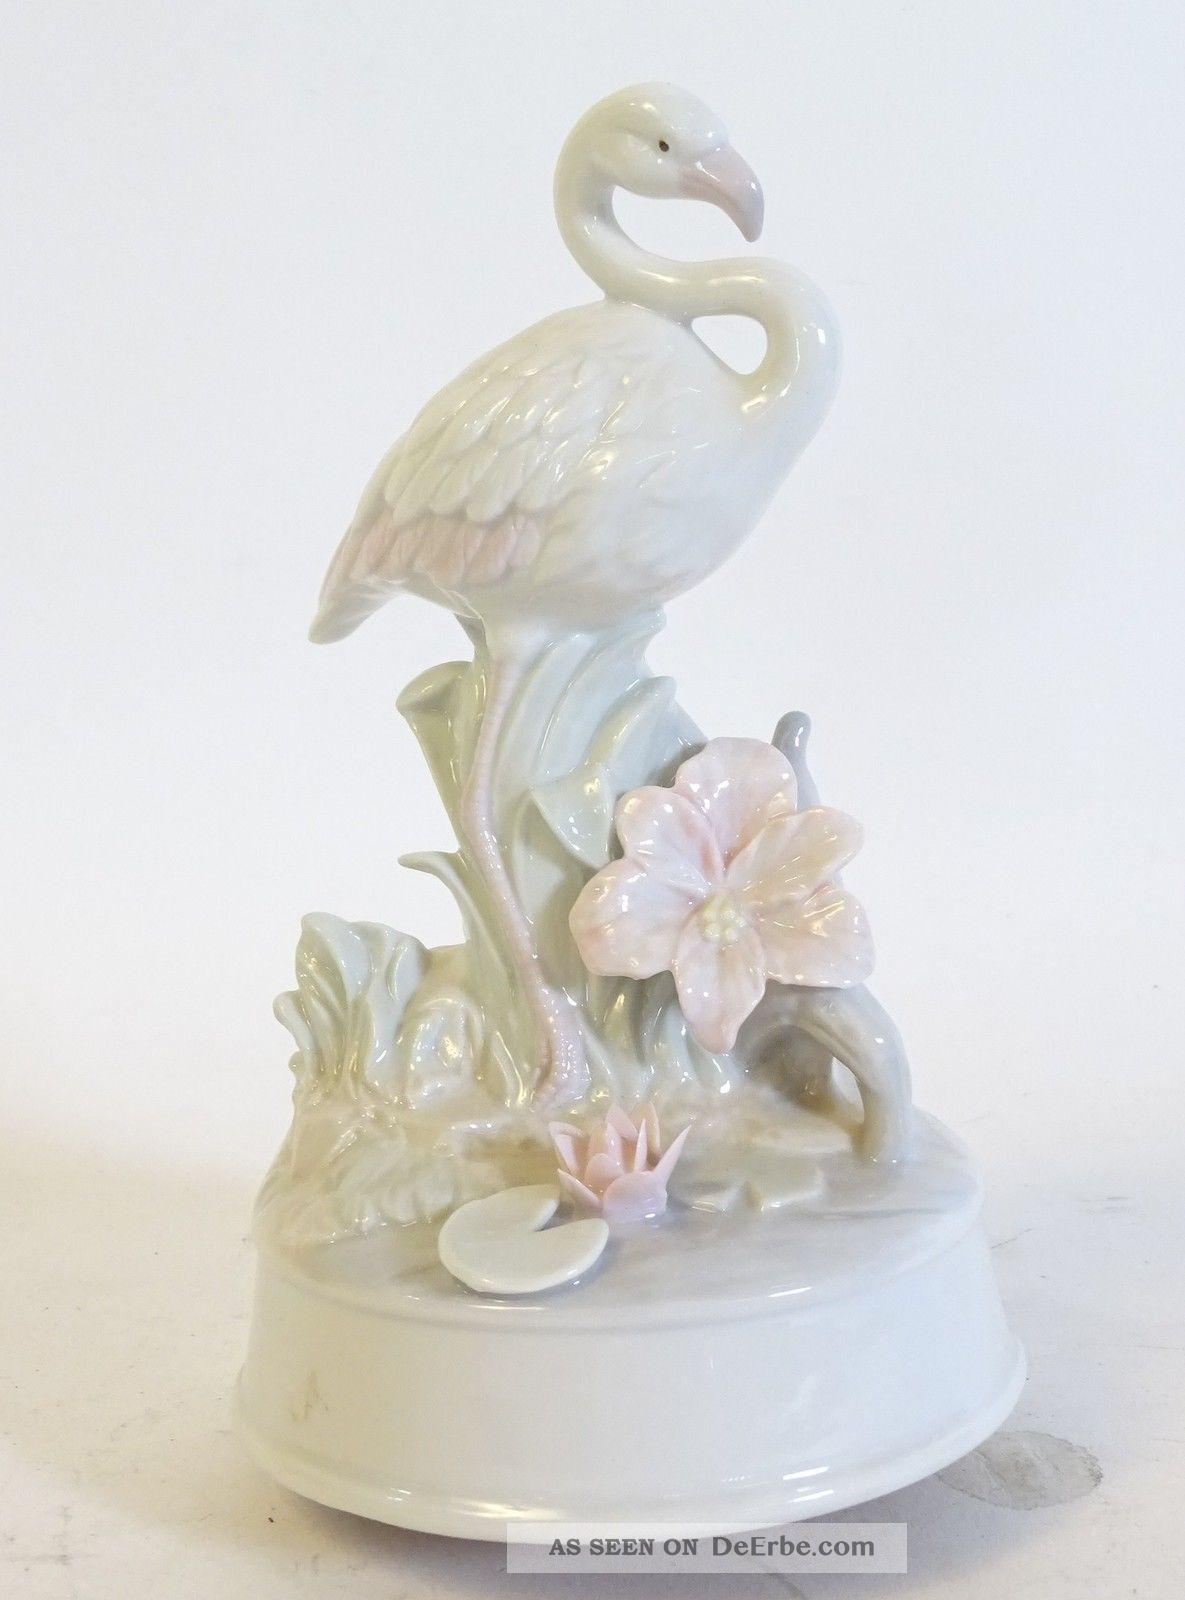 Porzellan Spieluhr Reiher Kranich Blumendekor Melodie